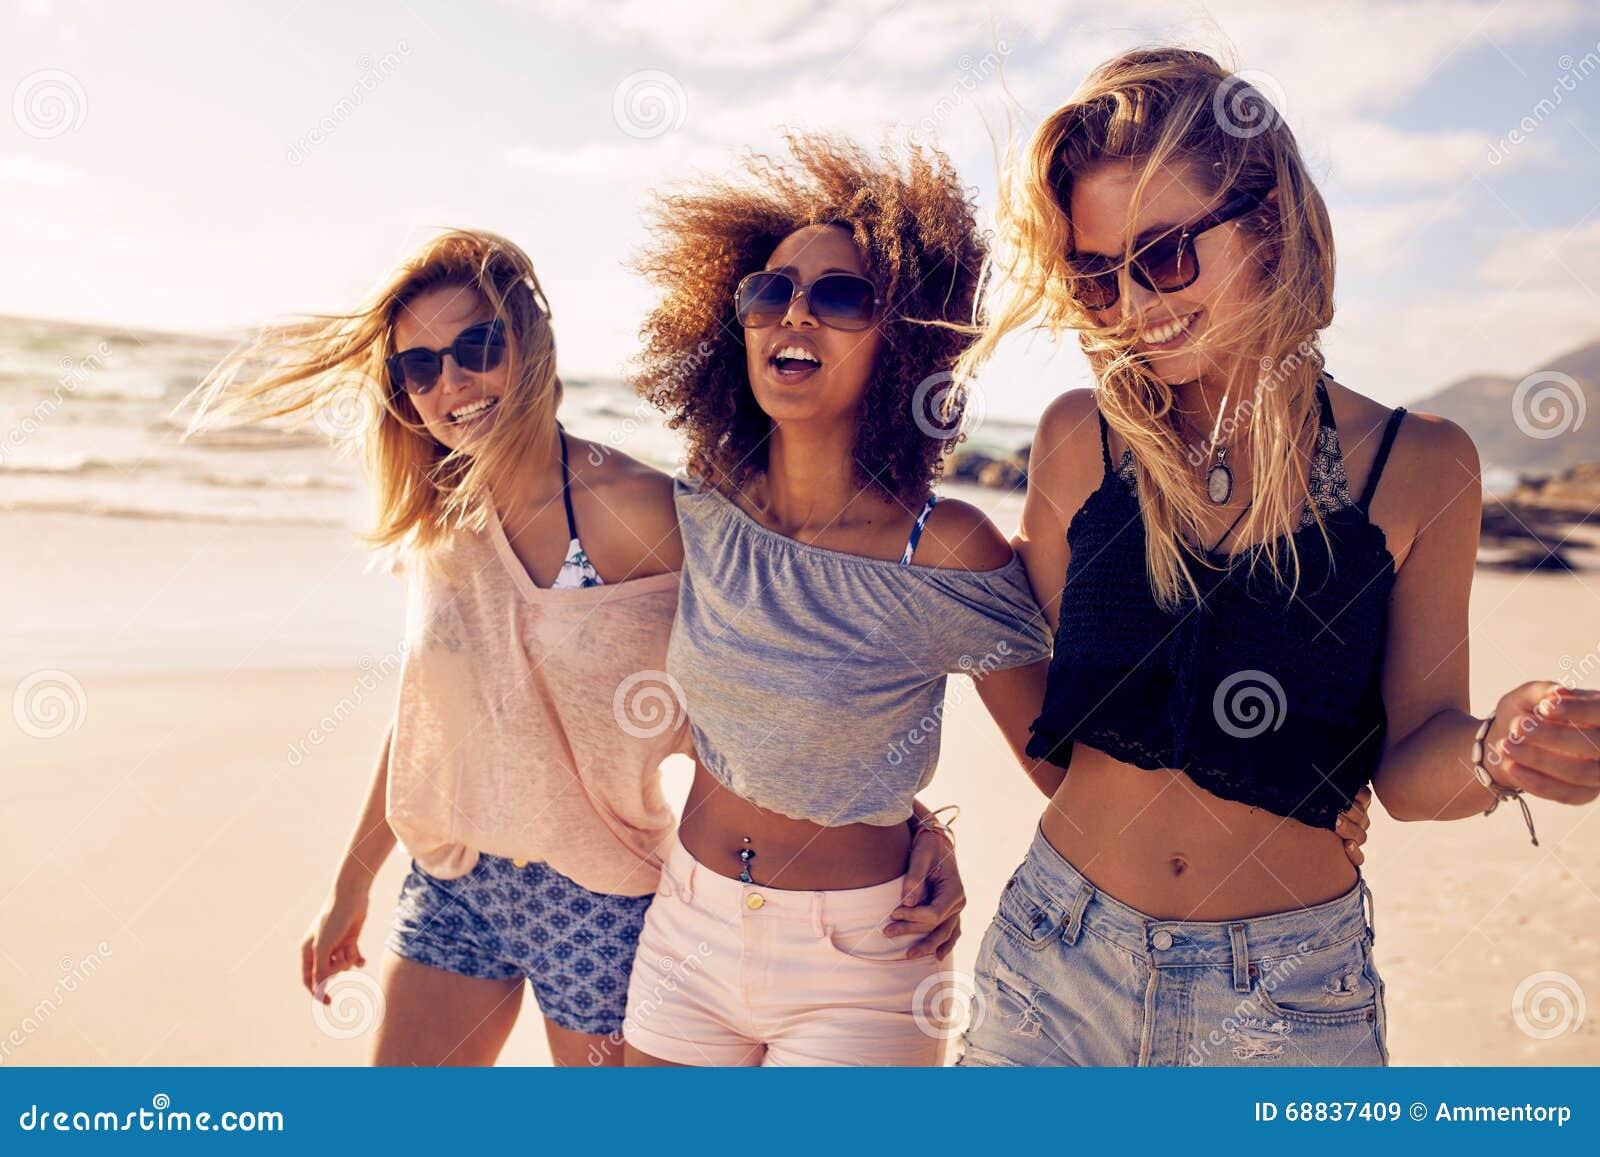 Grupa piękne młode kobiety spaceruje na plaży